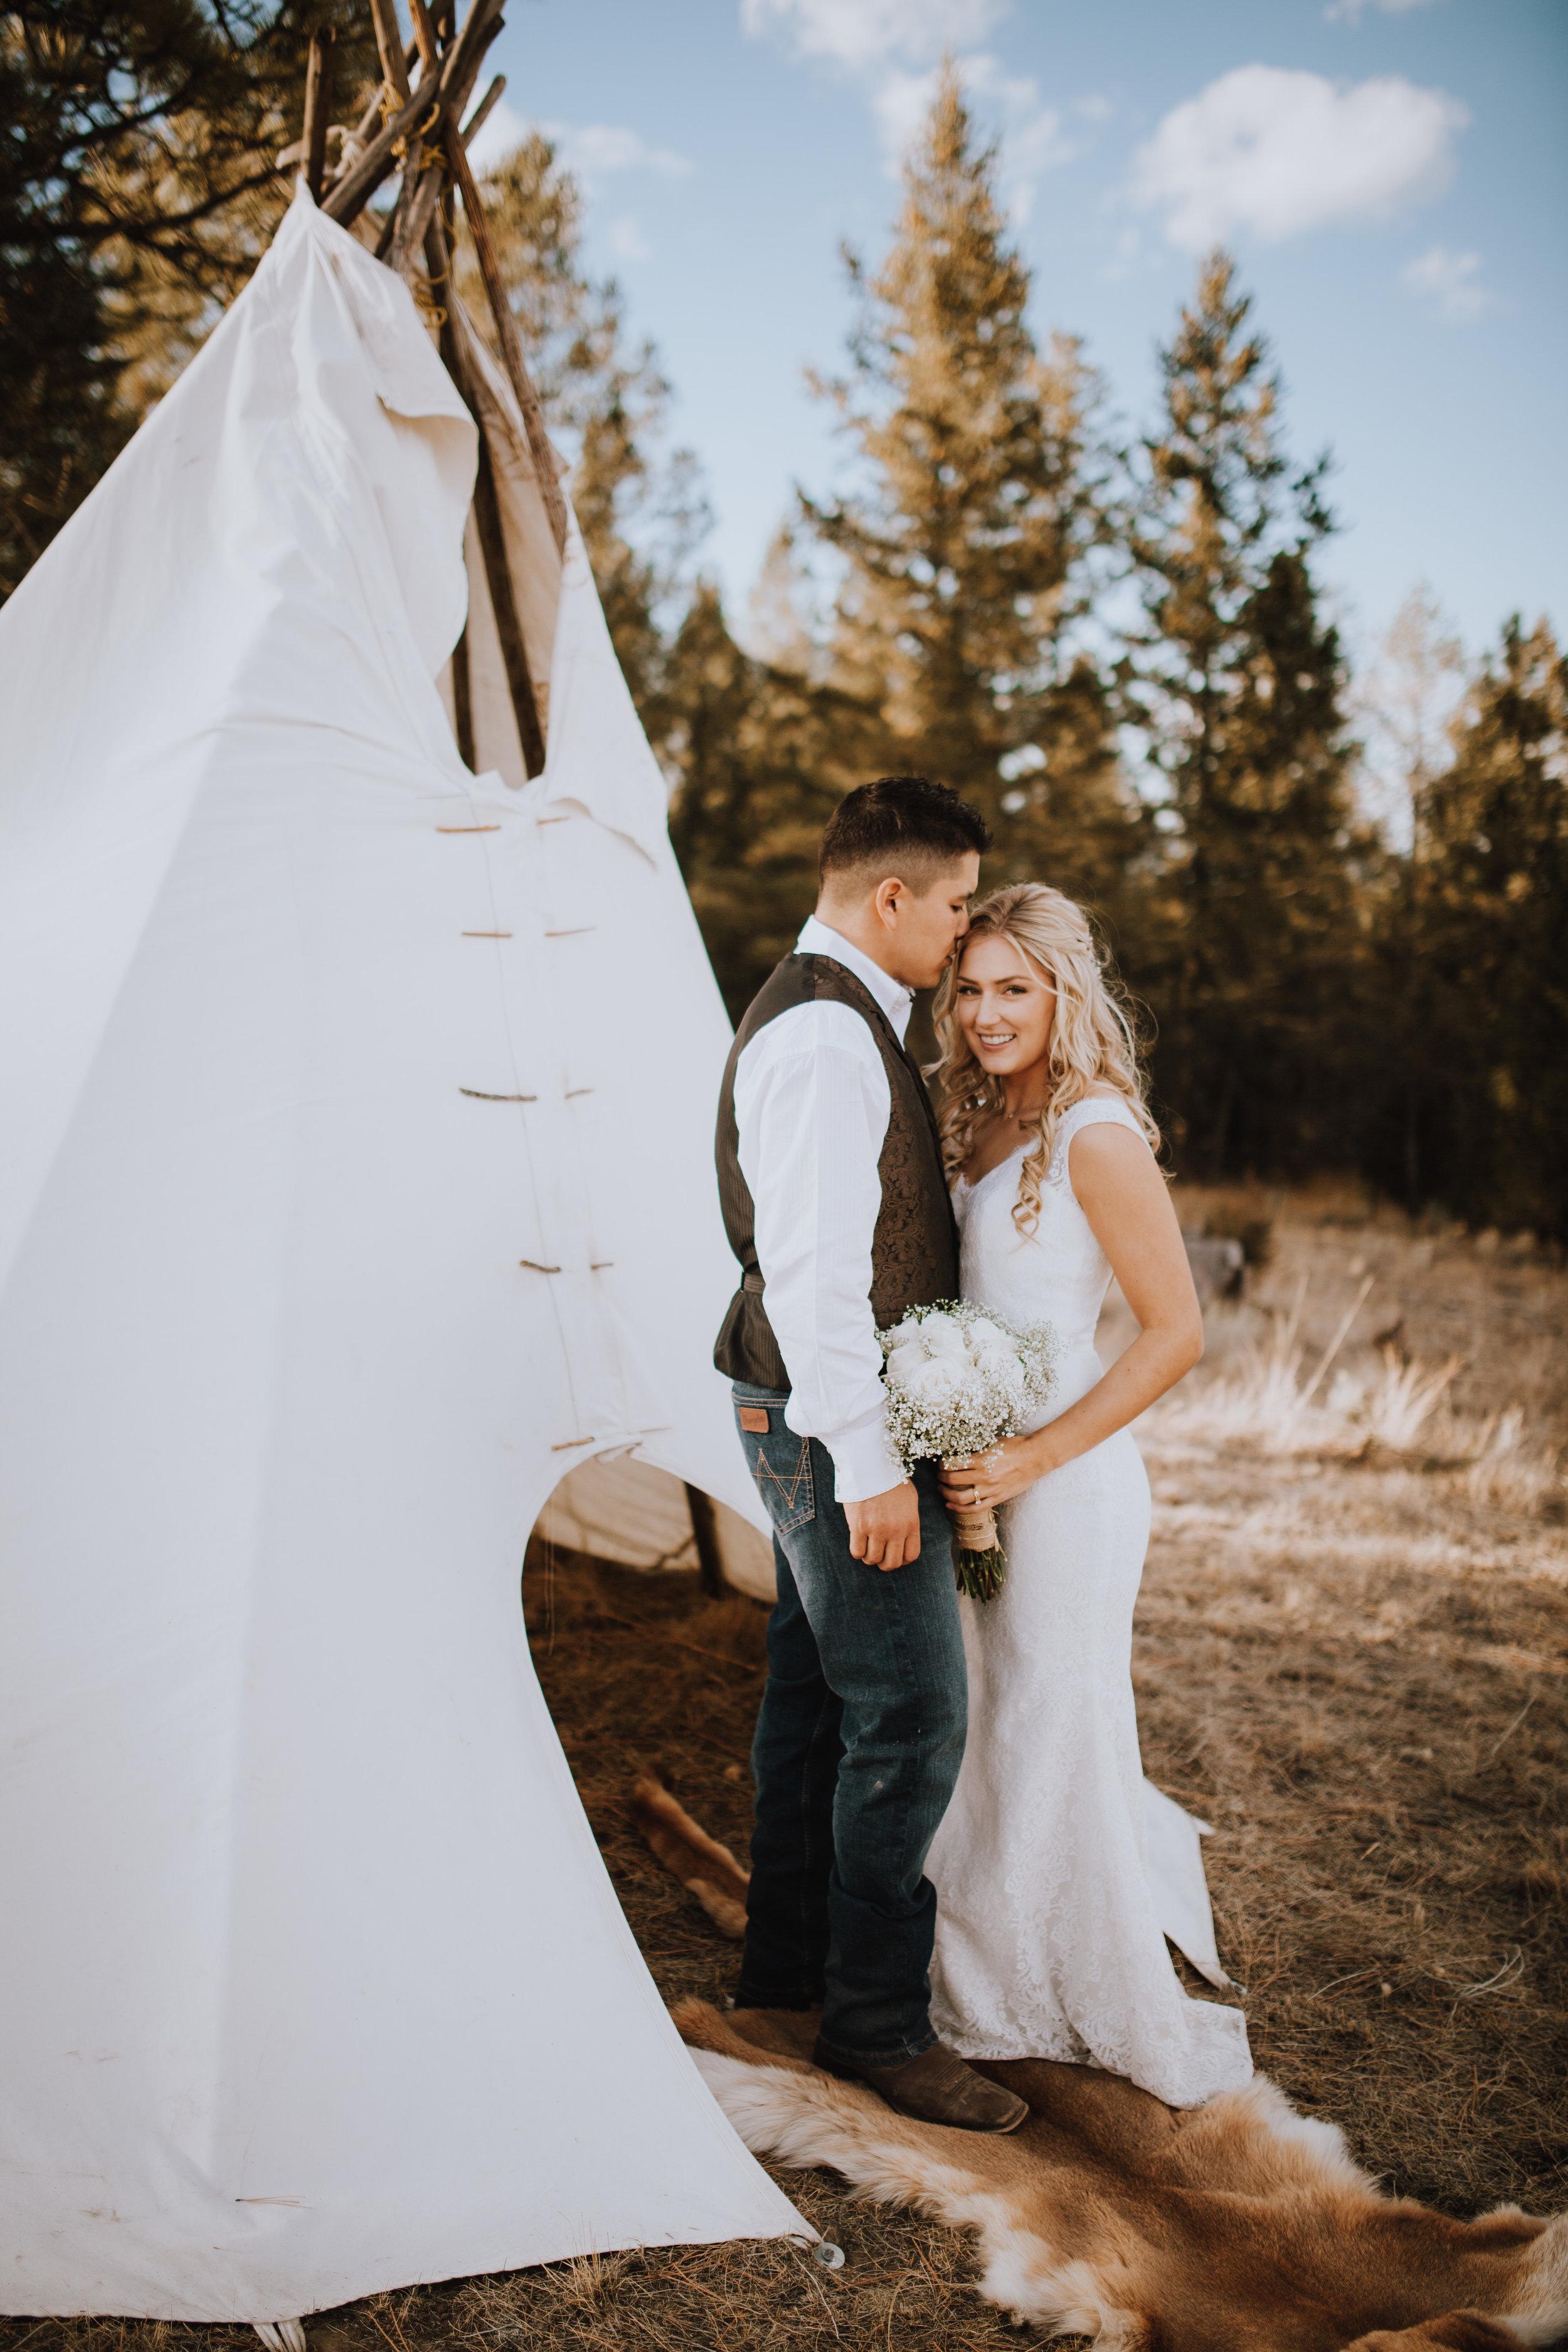 Lindsay + Kara 2 - Bridal Portraits-109.jpg